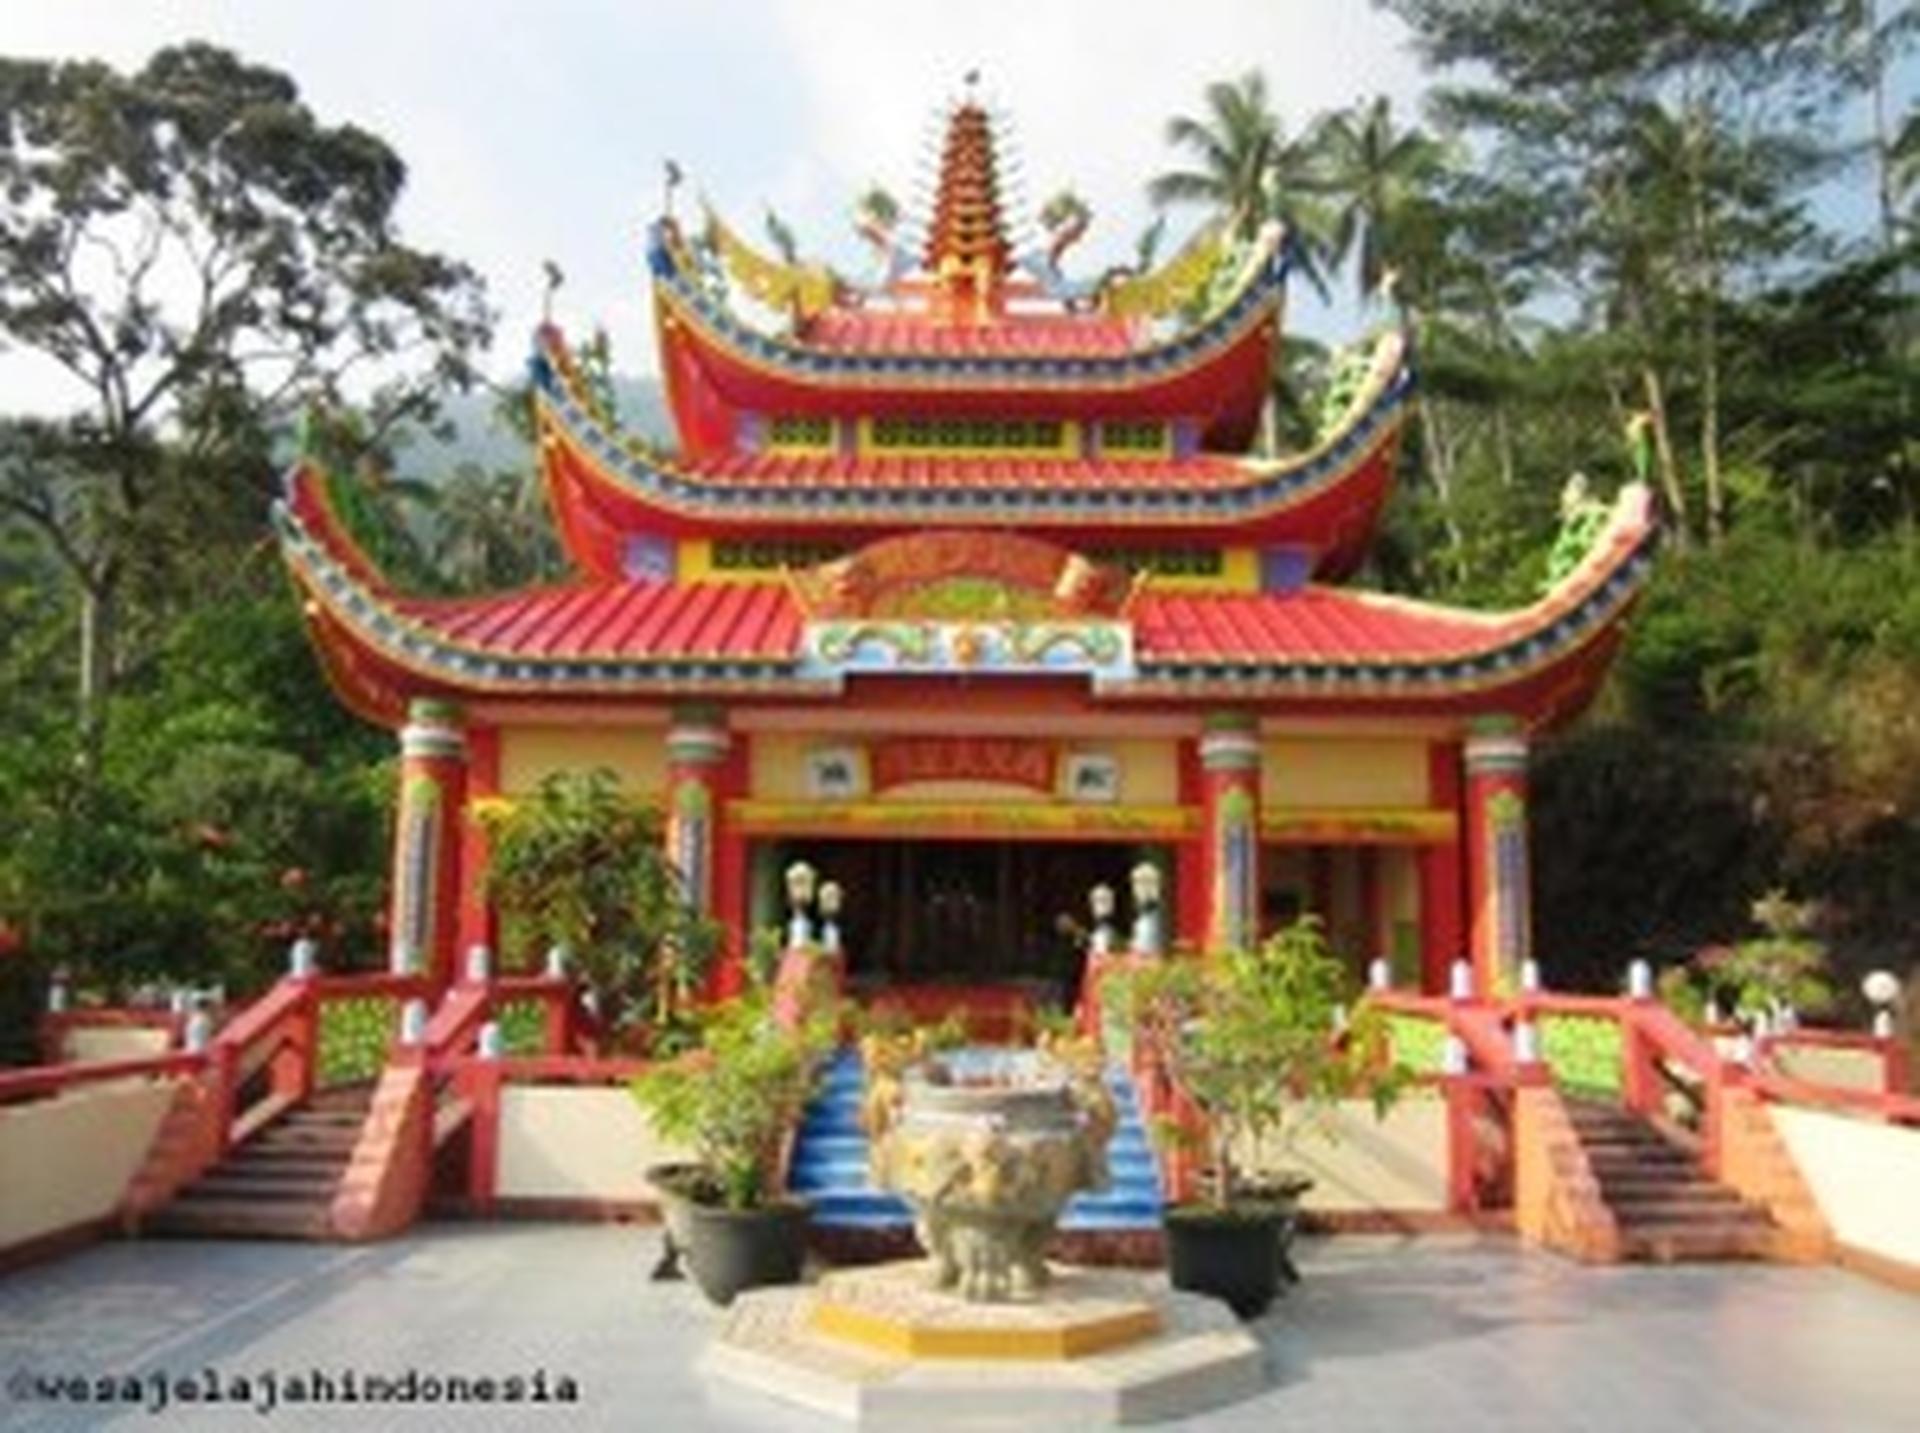 Vihara Surga Neraka Vihara Tertinggi di Kalimantan Barat